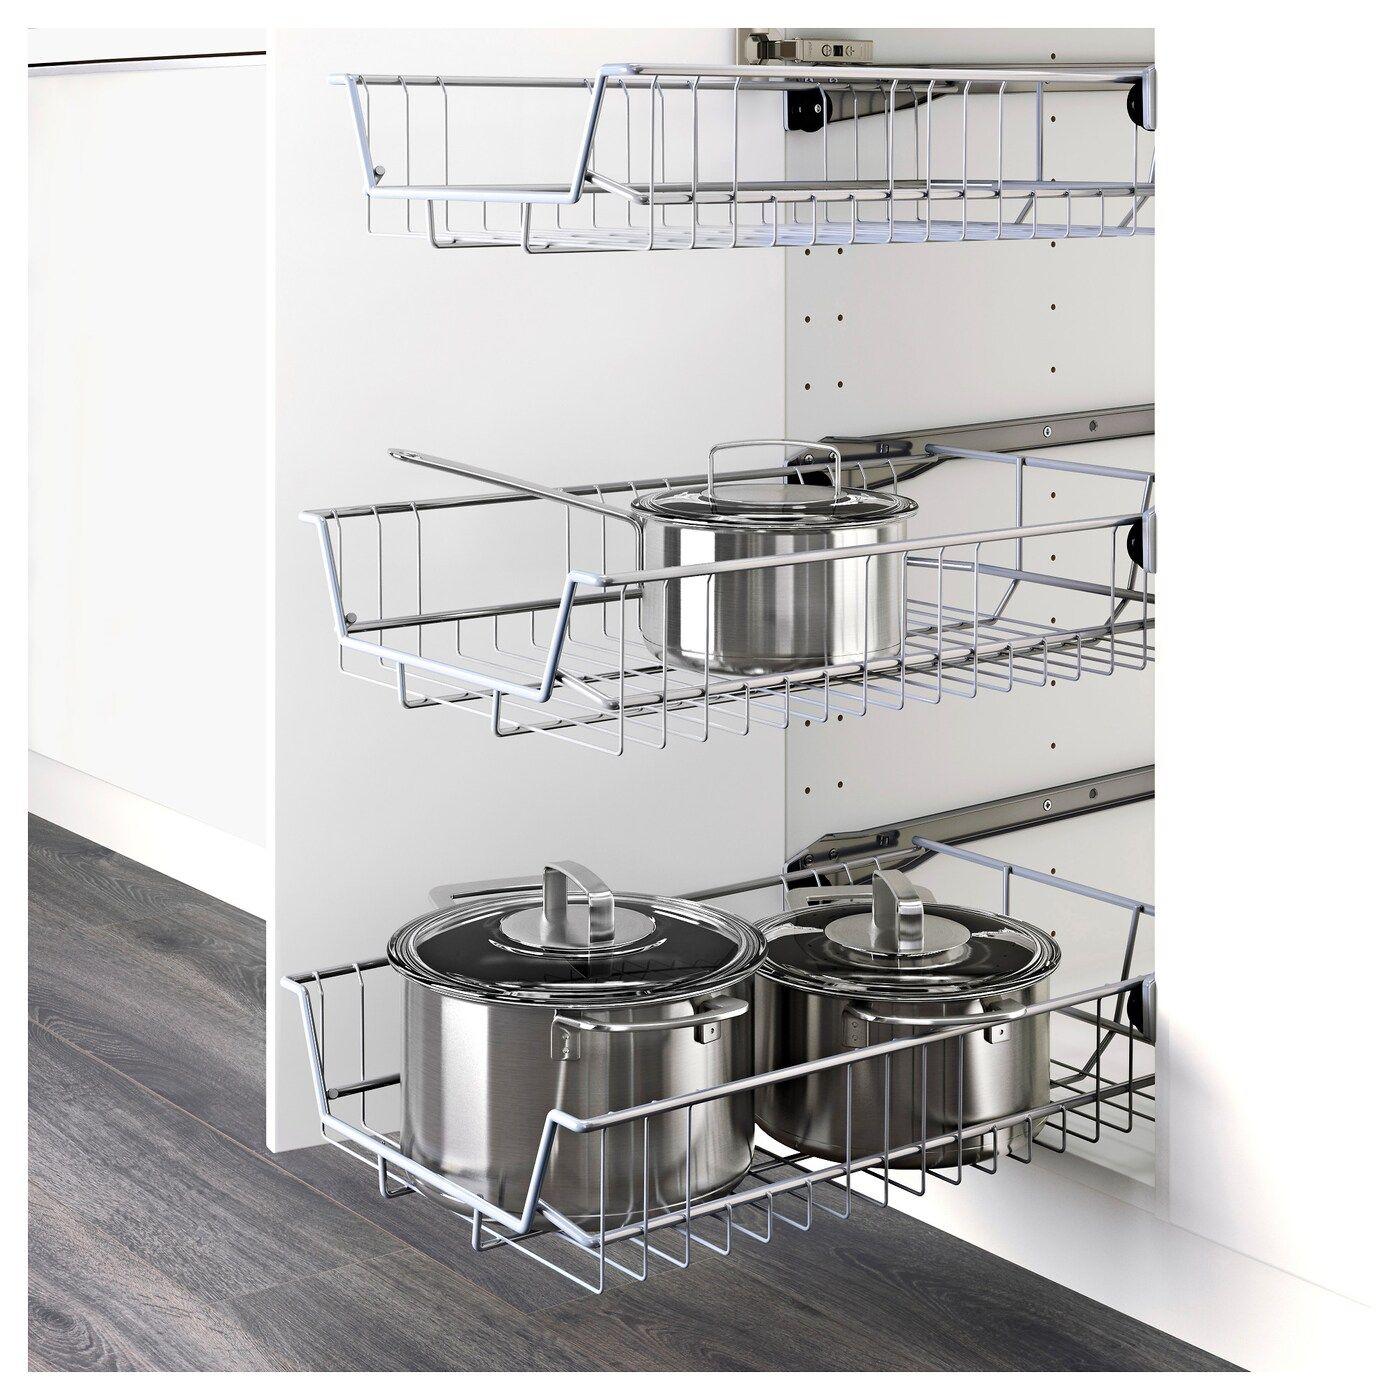 Colonna Dispensa Cucina Ikea utrusta trådback 40 cm | trådkorg, köksrenovering, sommarstugan